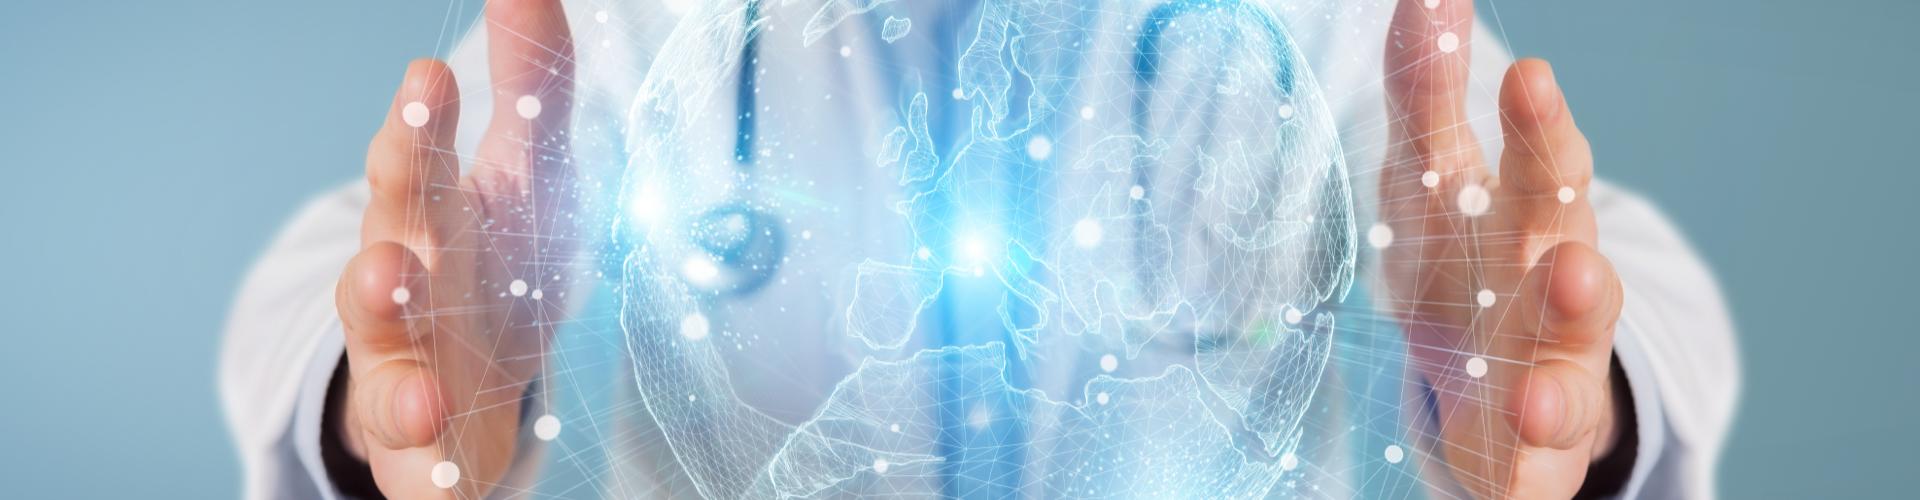 Features 3 - Zeptronic Diagnostics Features & Benefits